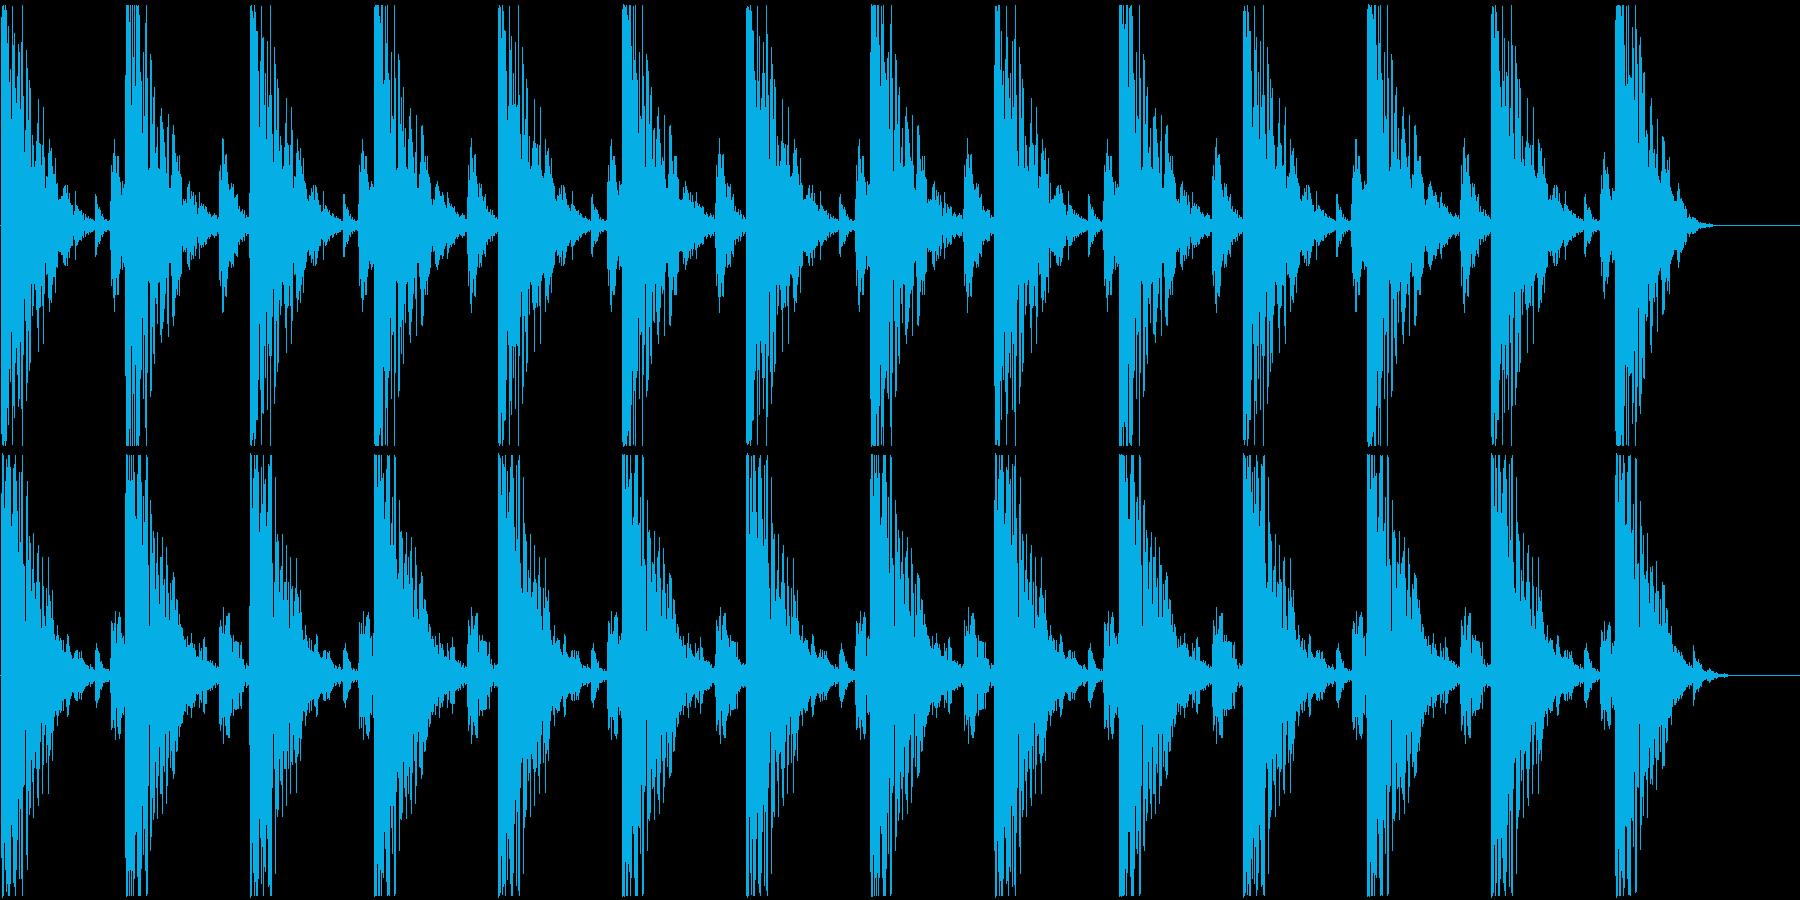 ハンマーで打つリズムの再生済みの波形